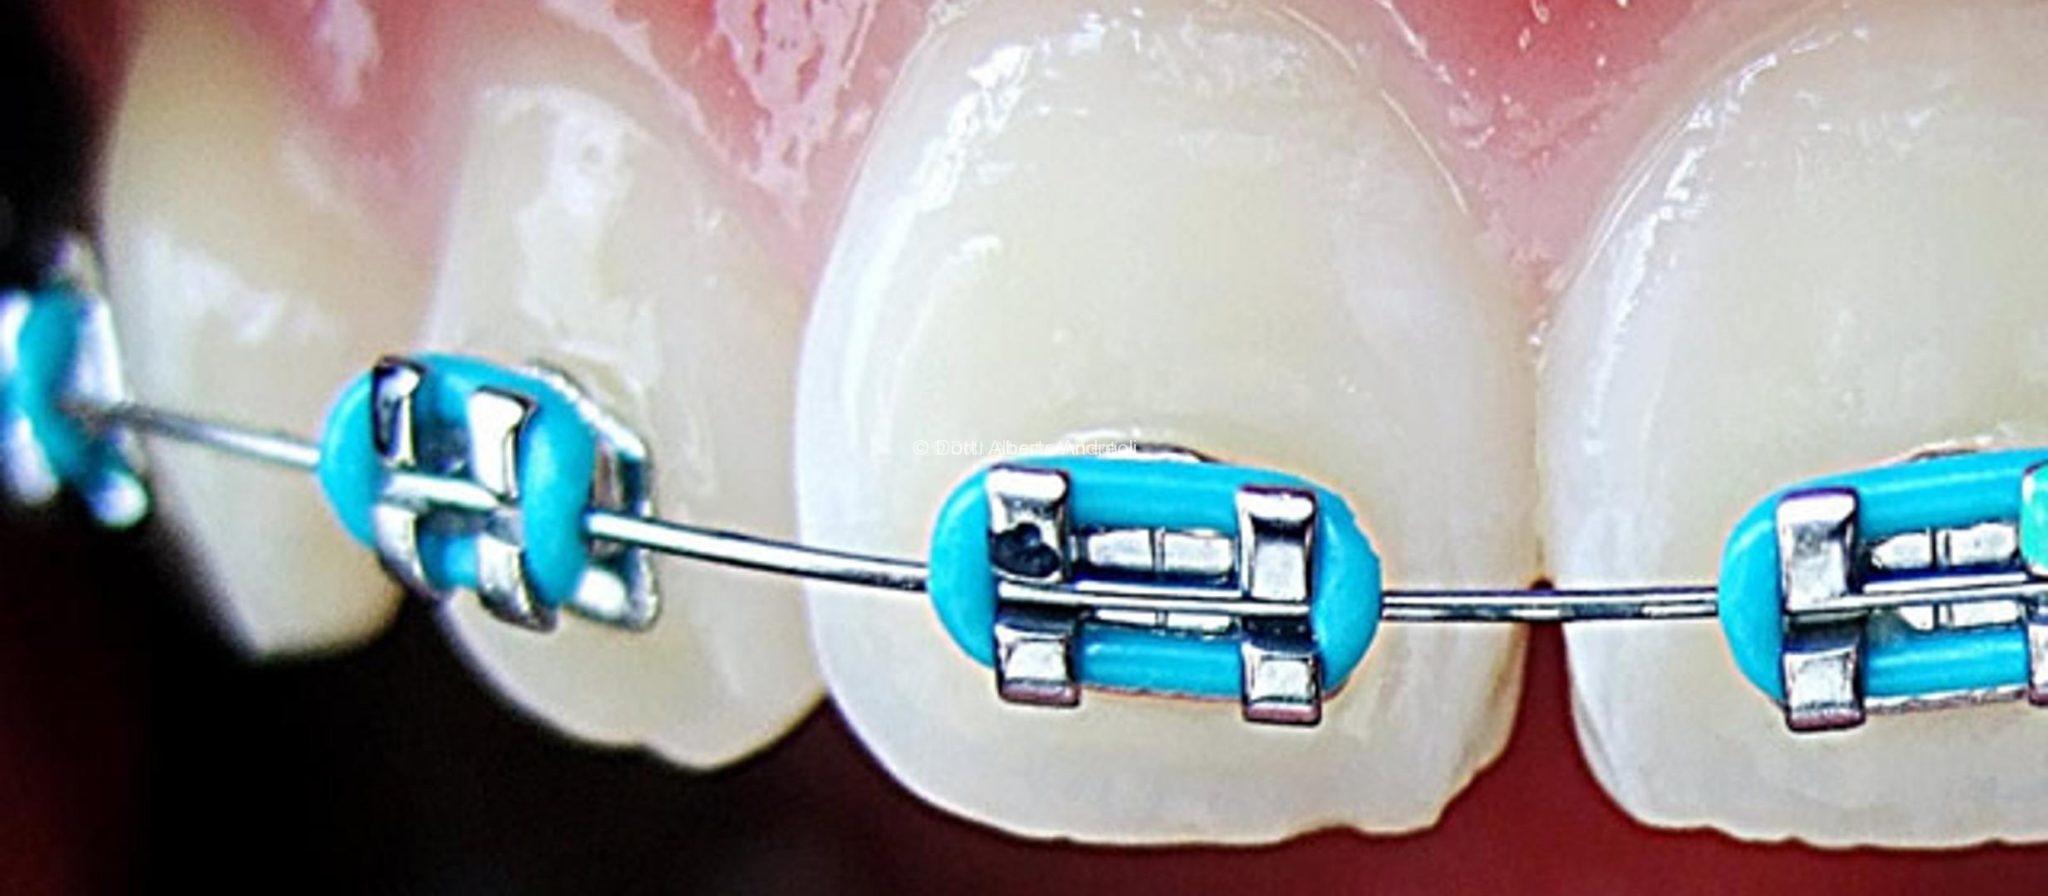 apparecchio-denti-bambini